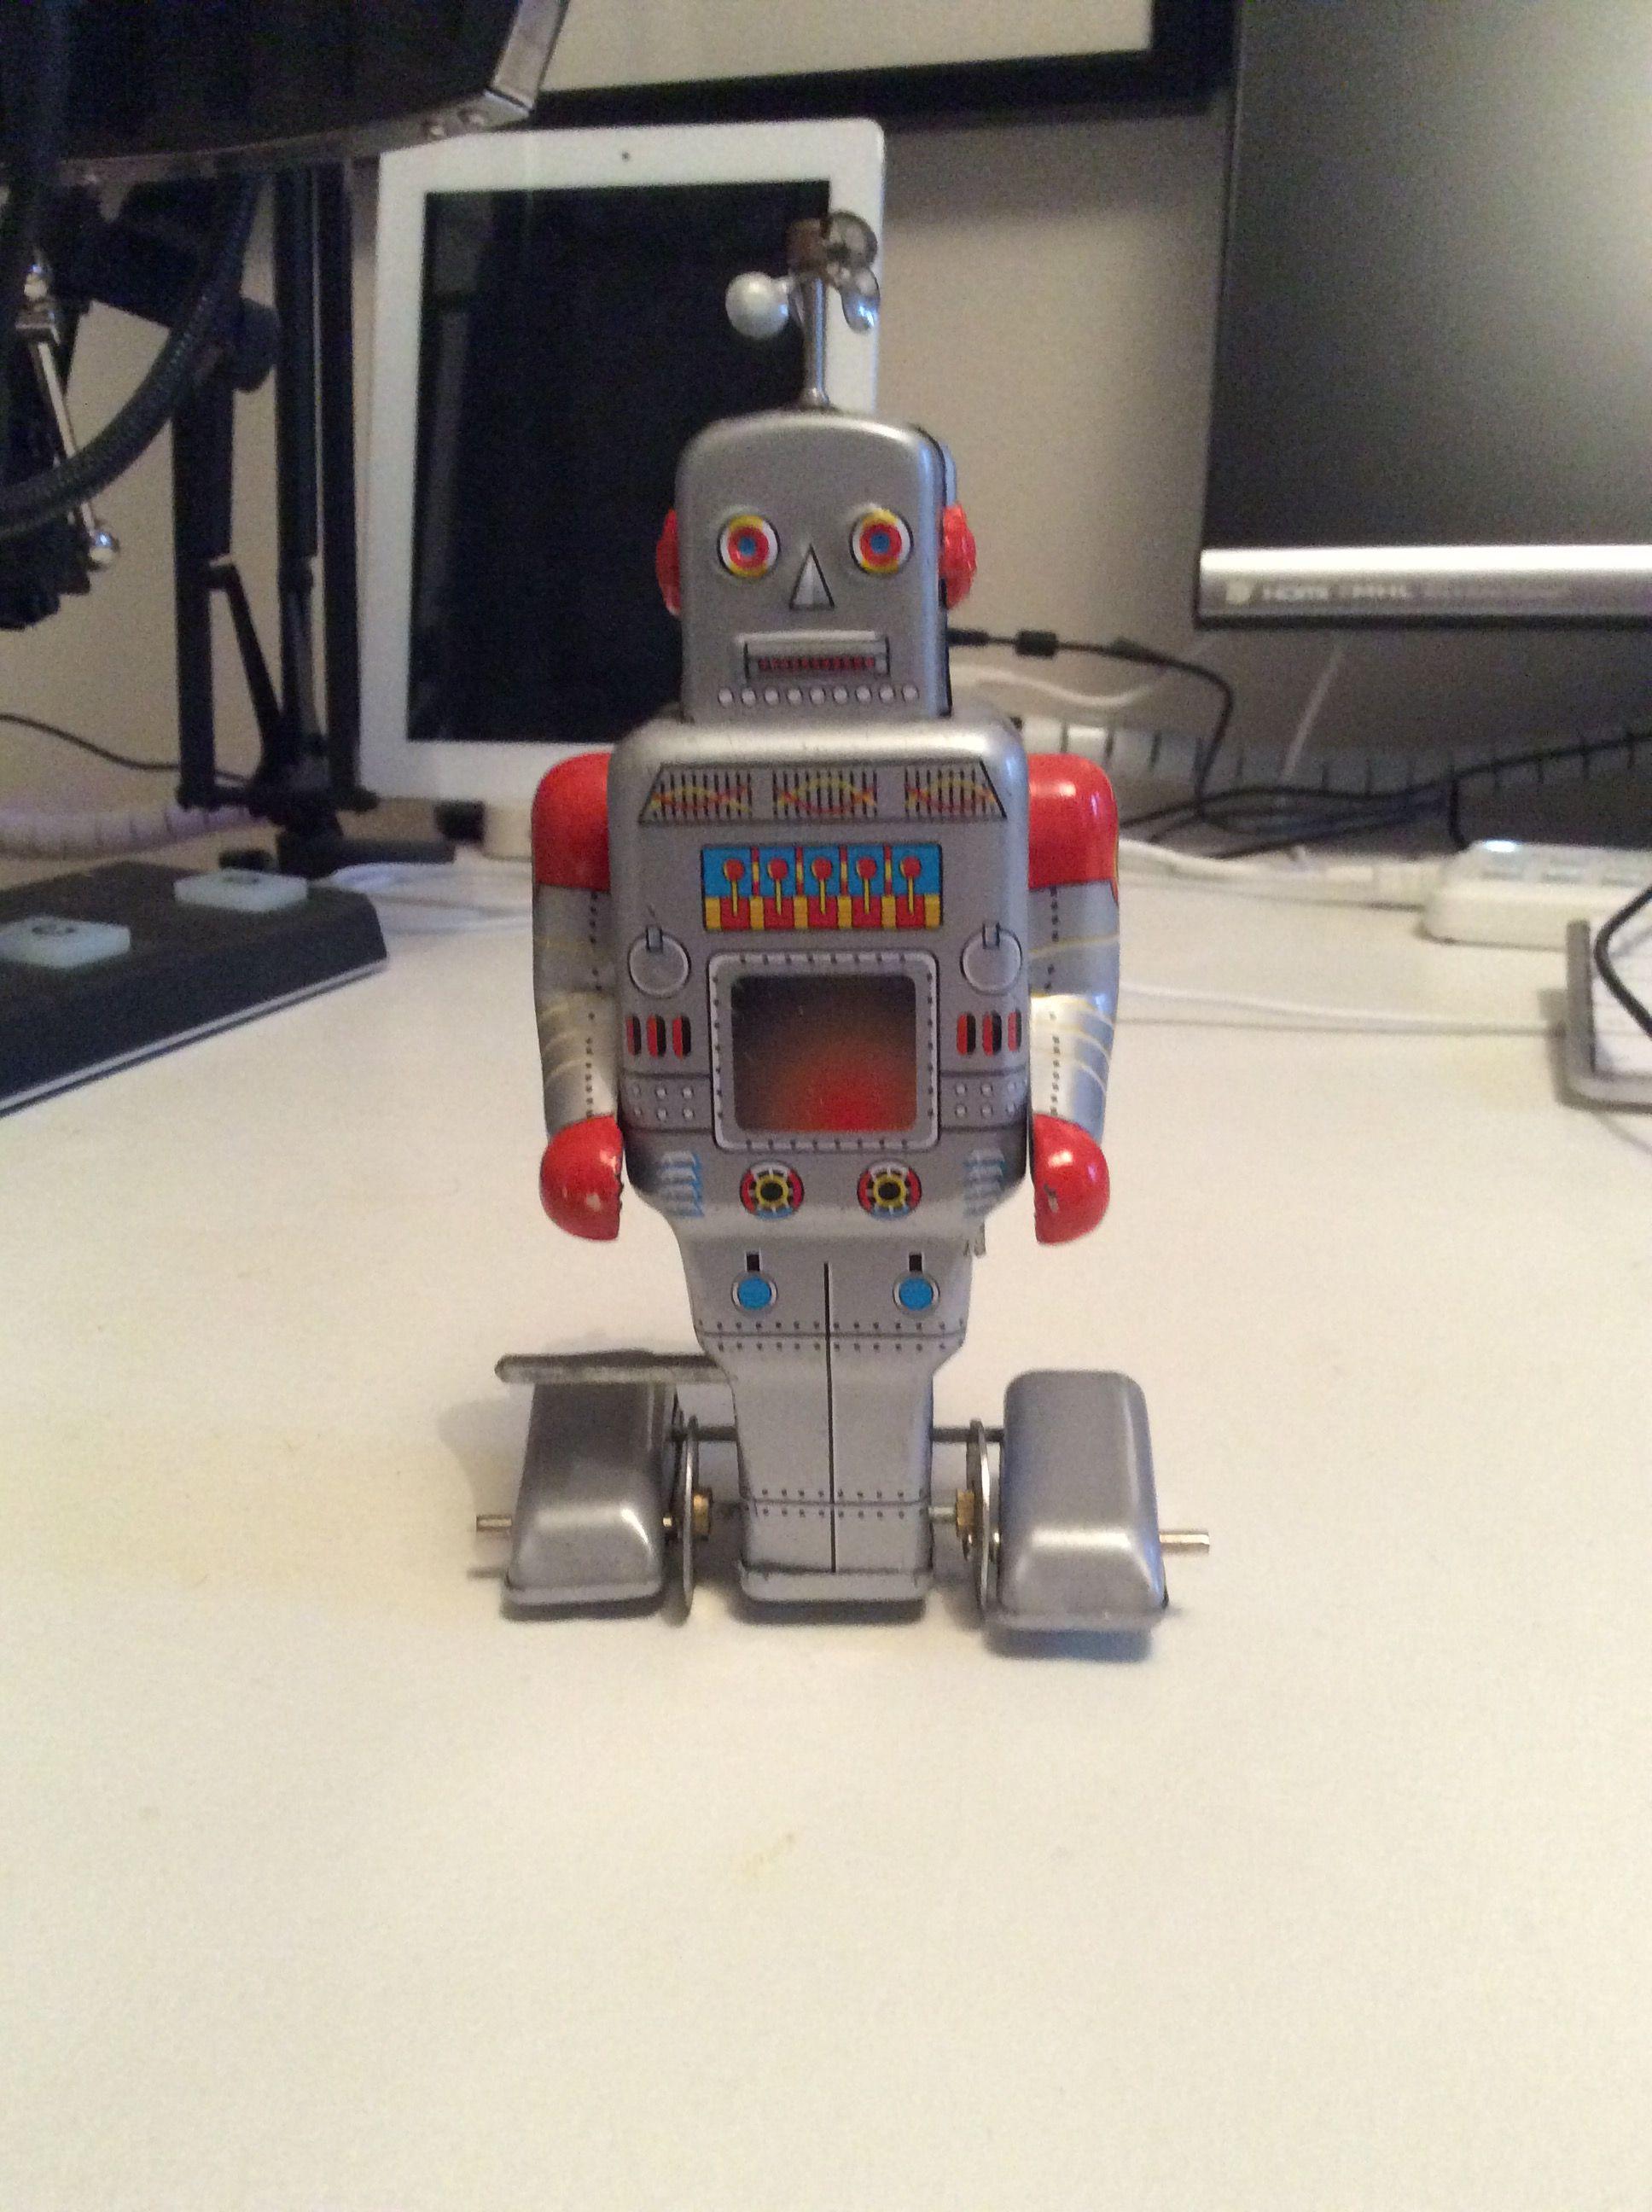 Blixa Robot er opkaldt efter hans ynglingsmusikker, Blixa Bargeld fra Einstürzende Neubauten.